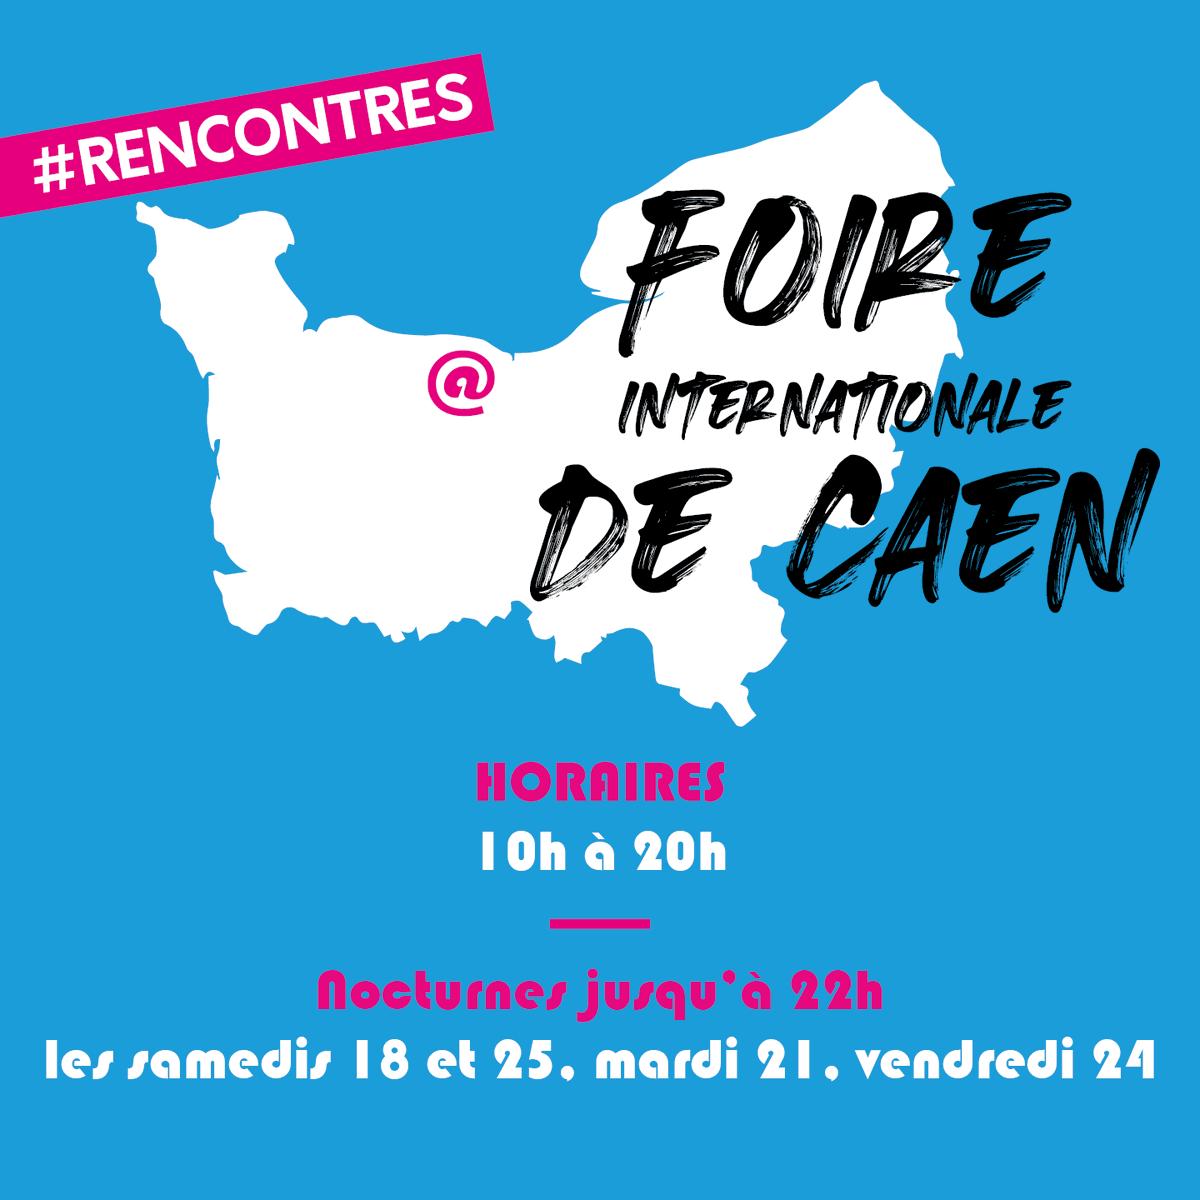 [ INFOS PRATIQUES FIC21 ] 🎉✨  Horaires de la #FoiredeCaen :  Du vendredi 17 au dimanche 26 septembre de 10h à 20h 4 nocturnes jusqu'à 22h les samedis 18 et 25, mardi 21 et vendredi 24 septembre  On a hâte de vous retrouver 😊  #FoiredeCaen #Caen #rencontres #events #Foire https://t.co/LhnHqJov97